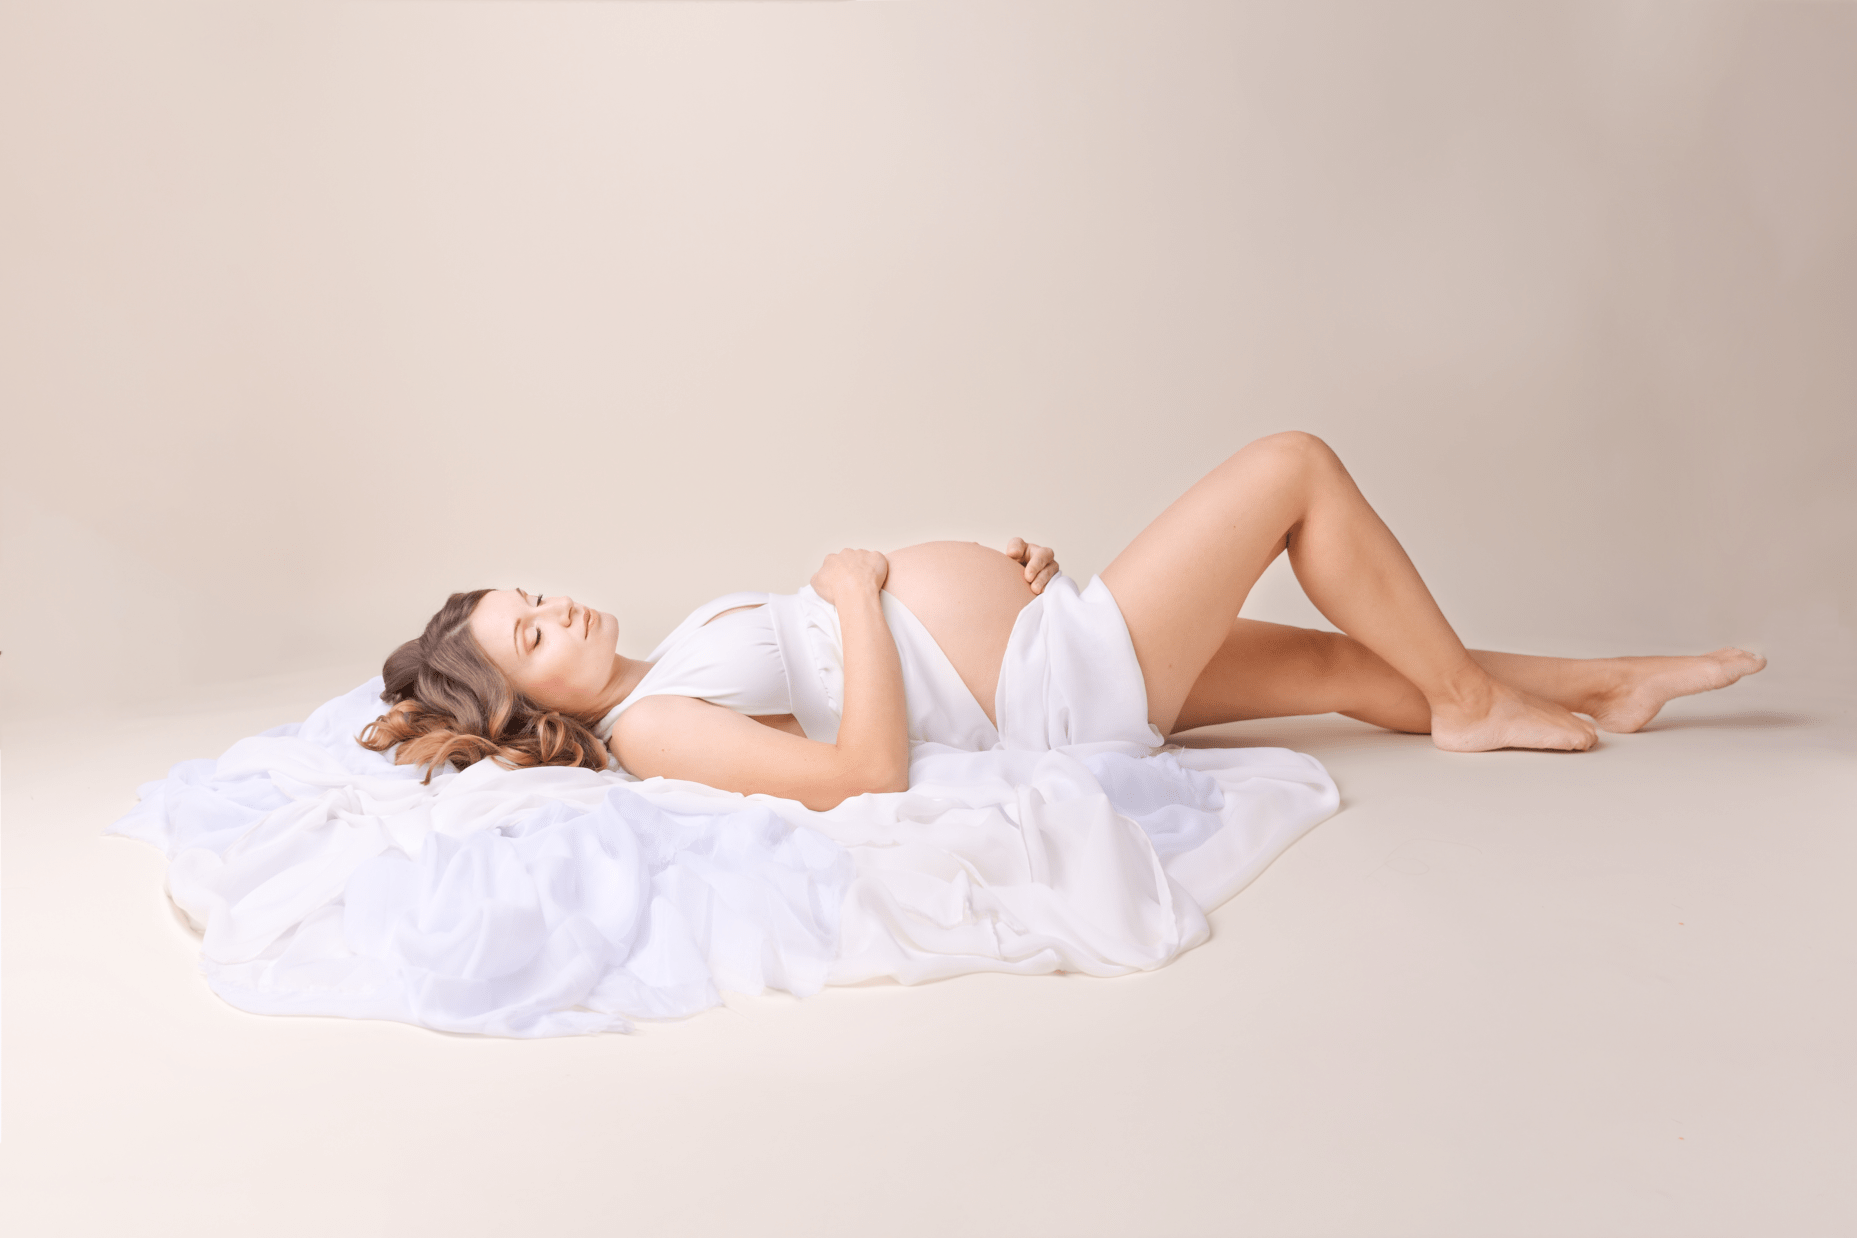 Schwangere-Frau-Fotostudio-Enns-Elegant-Zeitlos-Modern-Babybauch